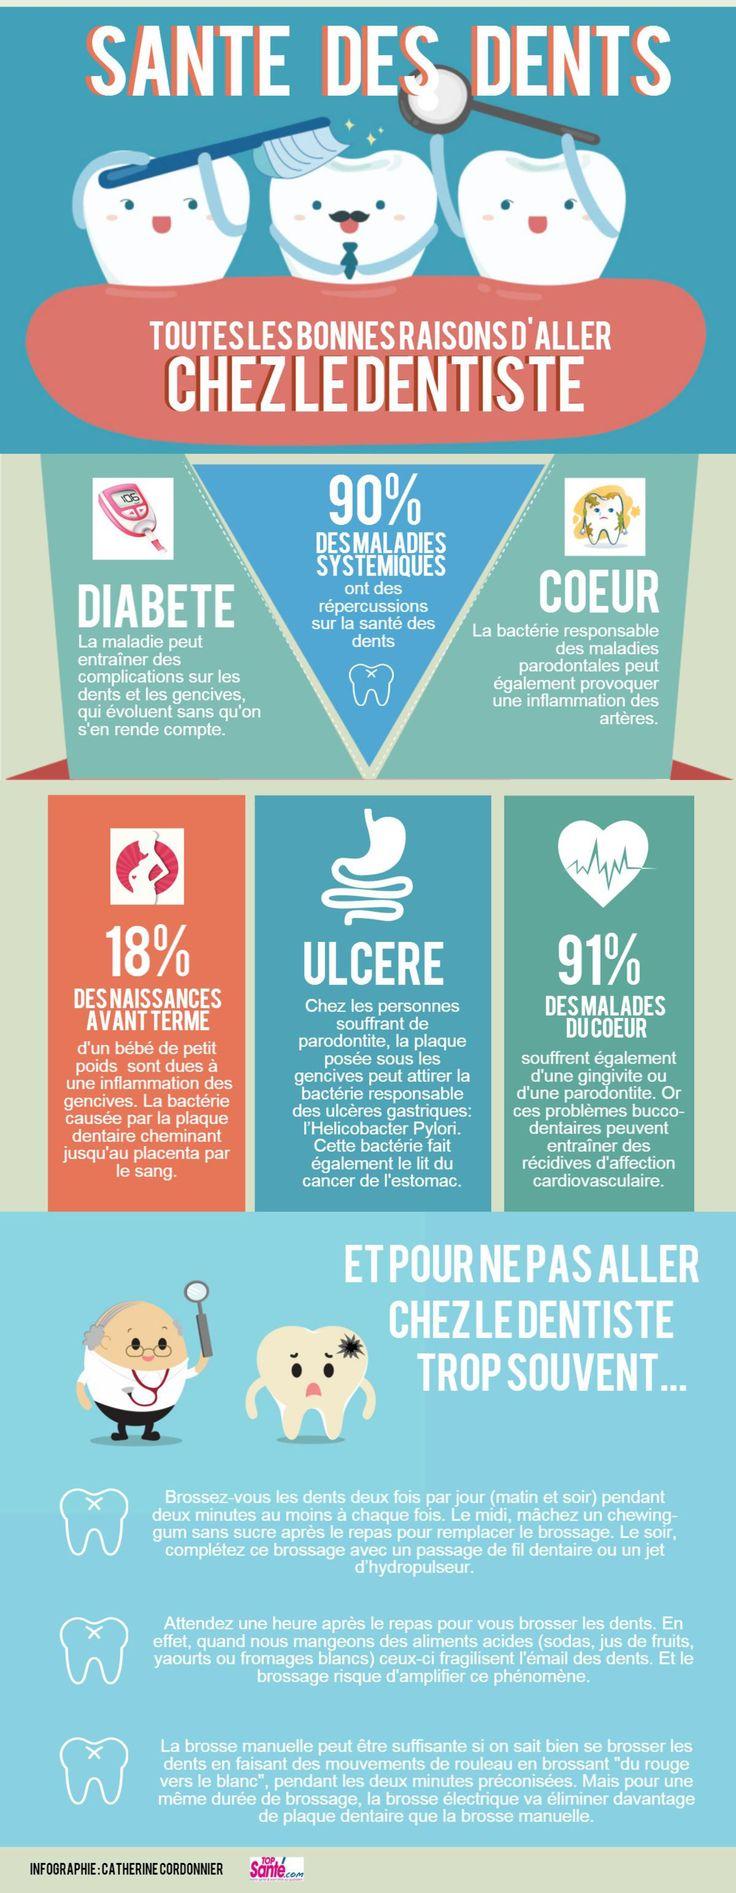 Infographie : les bonnes raisons d'aller chez le dentiste